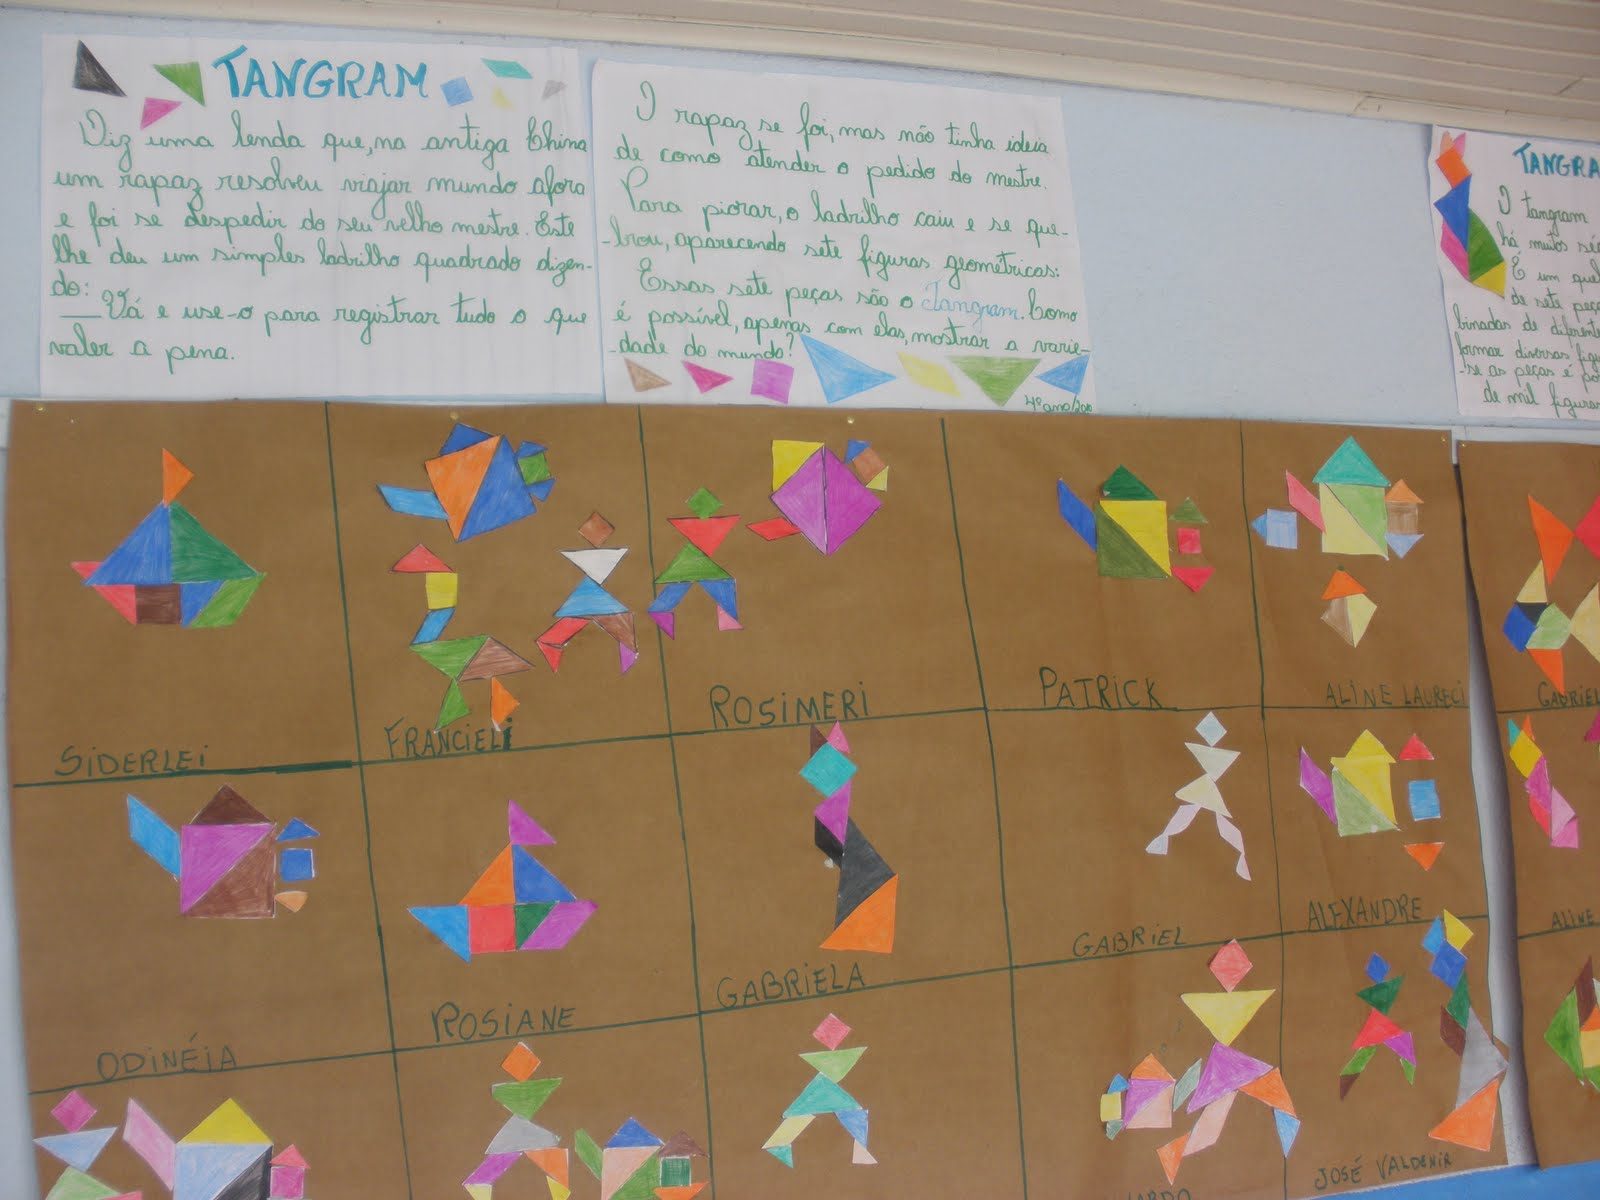 Espa o educar atividades com o tangram for Mural de fotos 1 ano